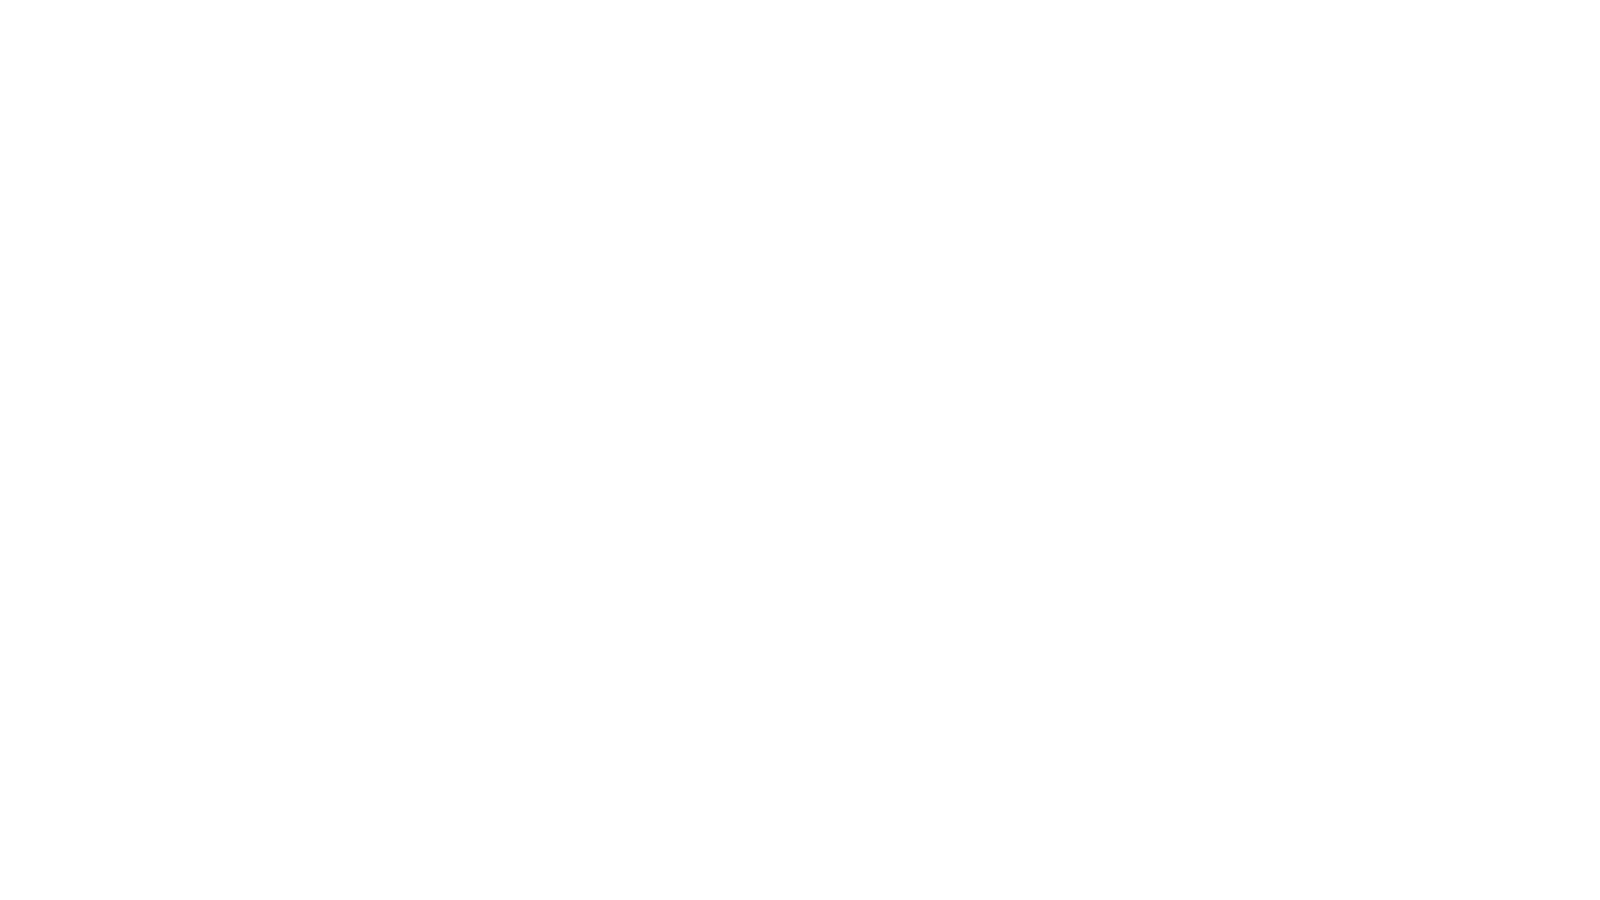 Från Corus Acusticus Vårkonsert 2018  För mer info om Corus Acusticus  https://www.acusticus.se  För frågor om medlemskap kan du höra av dig till corus@saks.gu.se